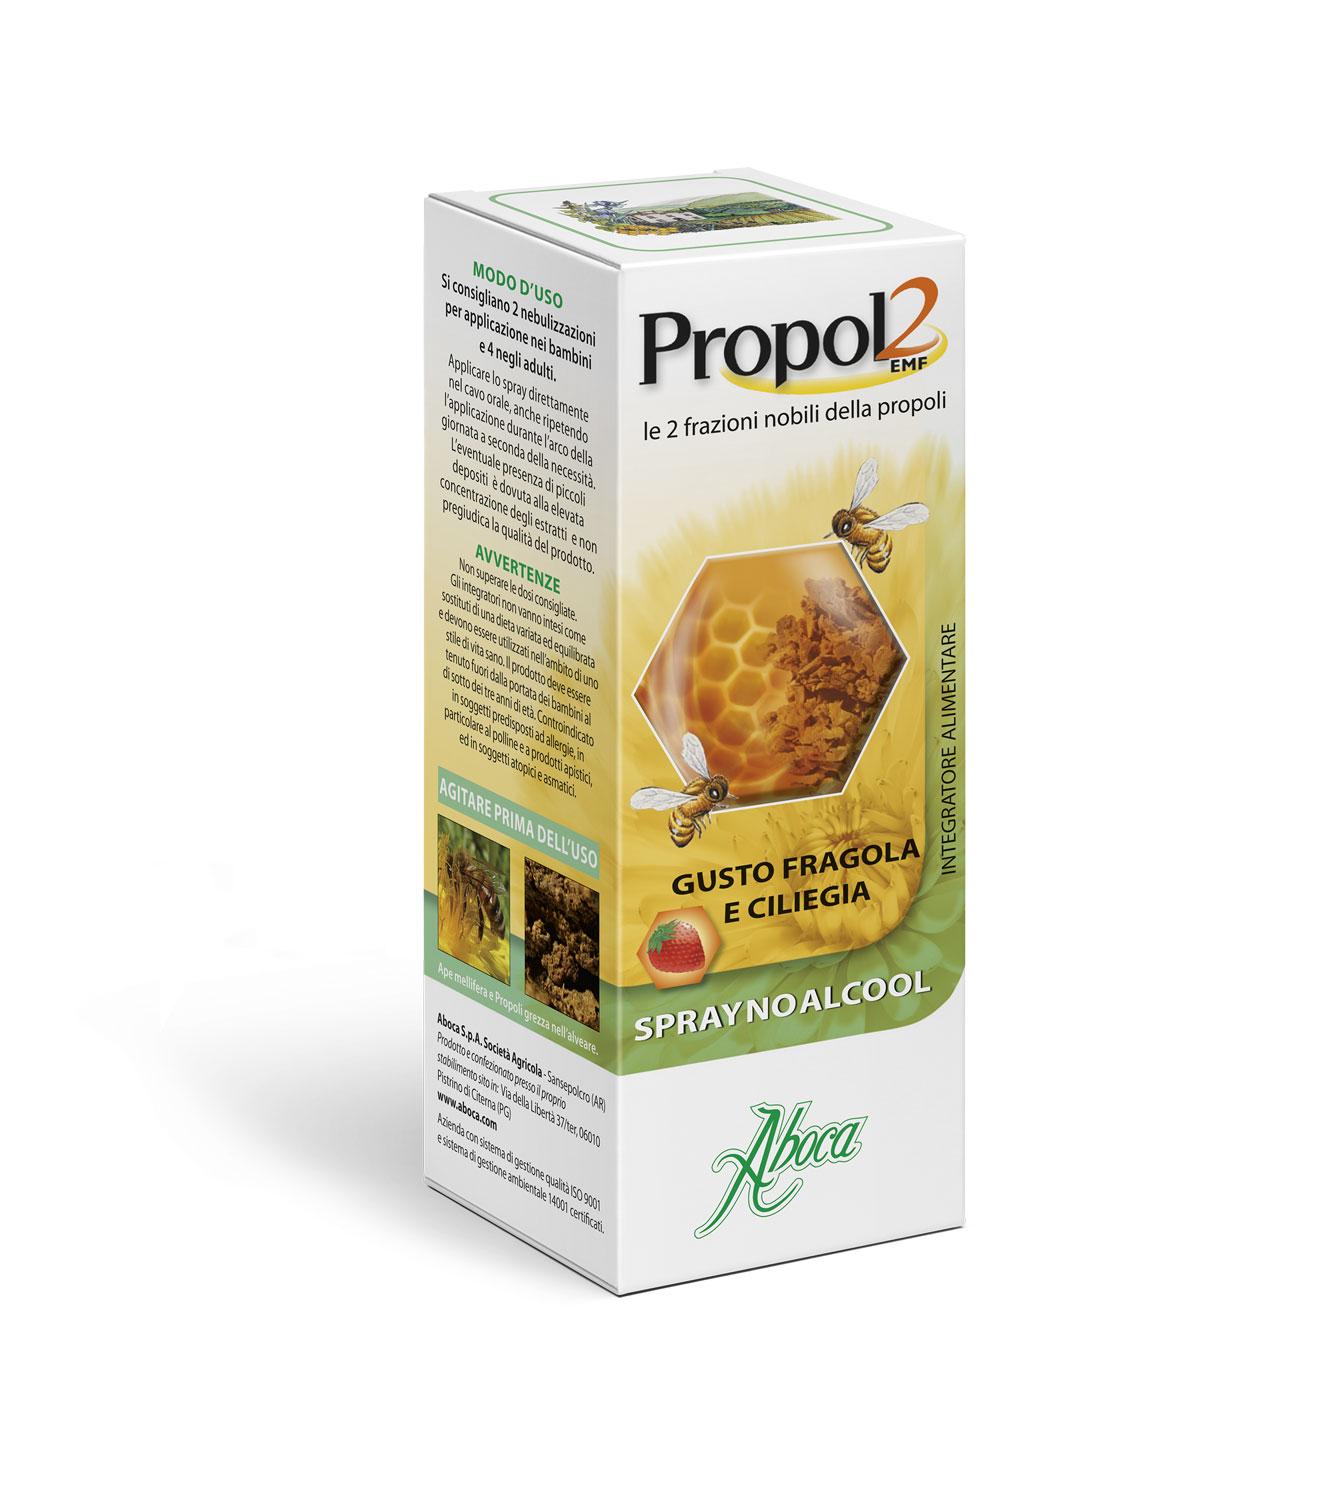 Propol2 Emf Spray No Alcool Aboca 30ml